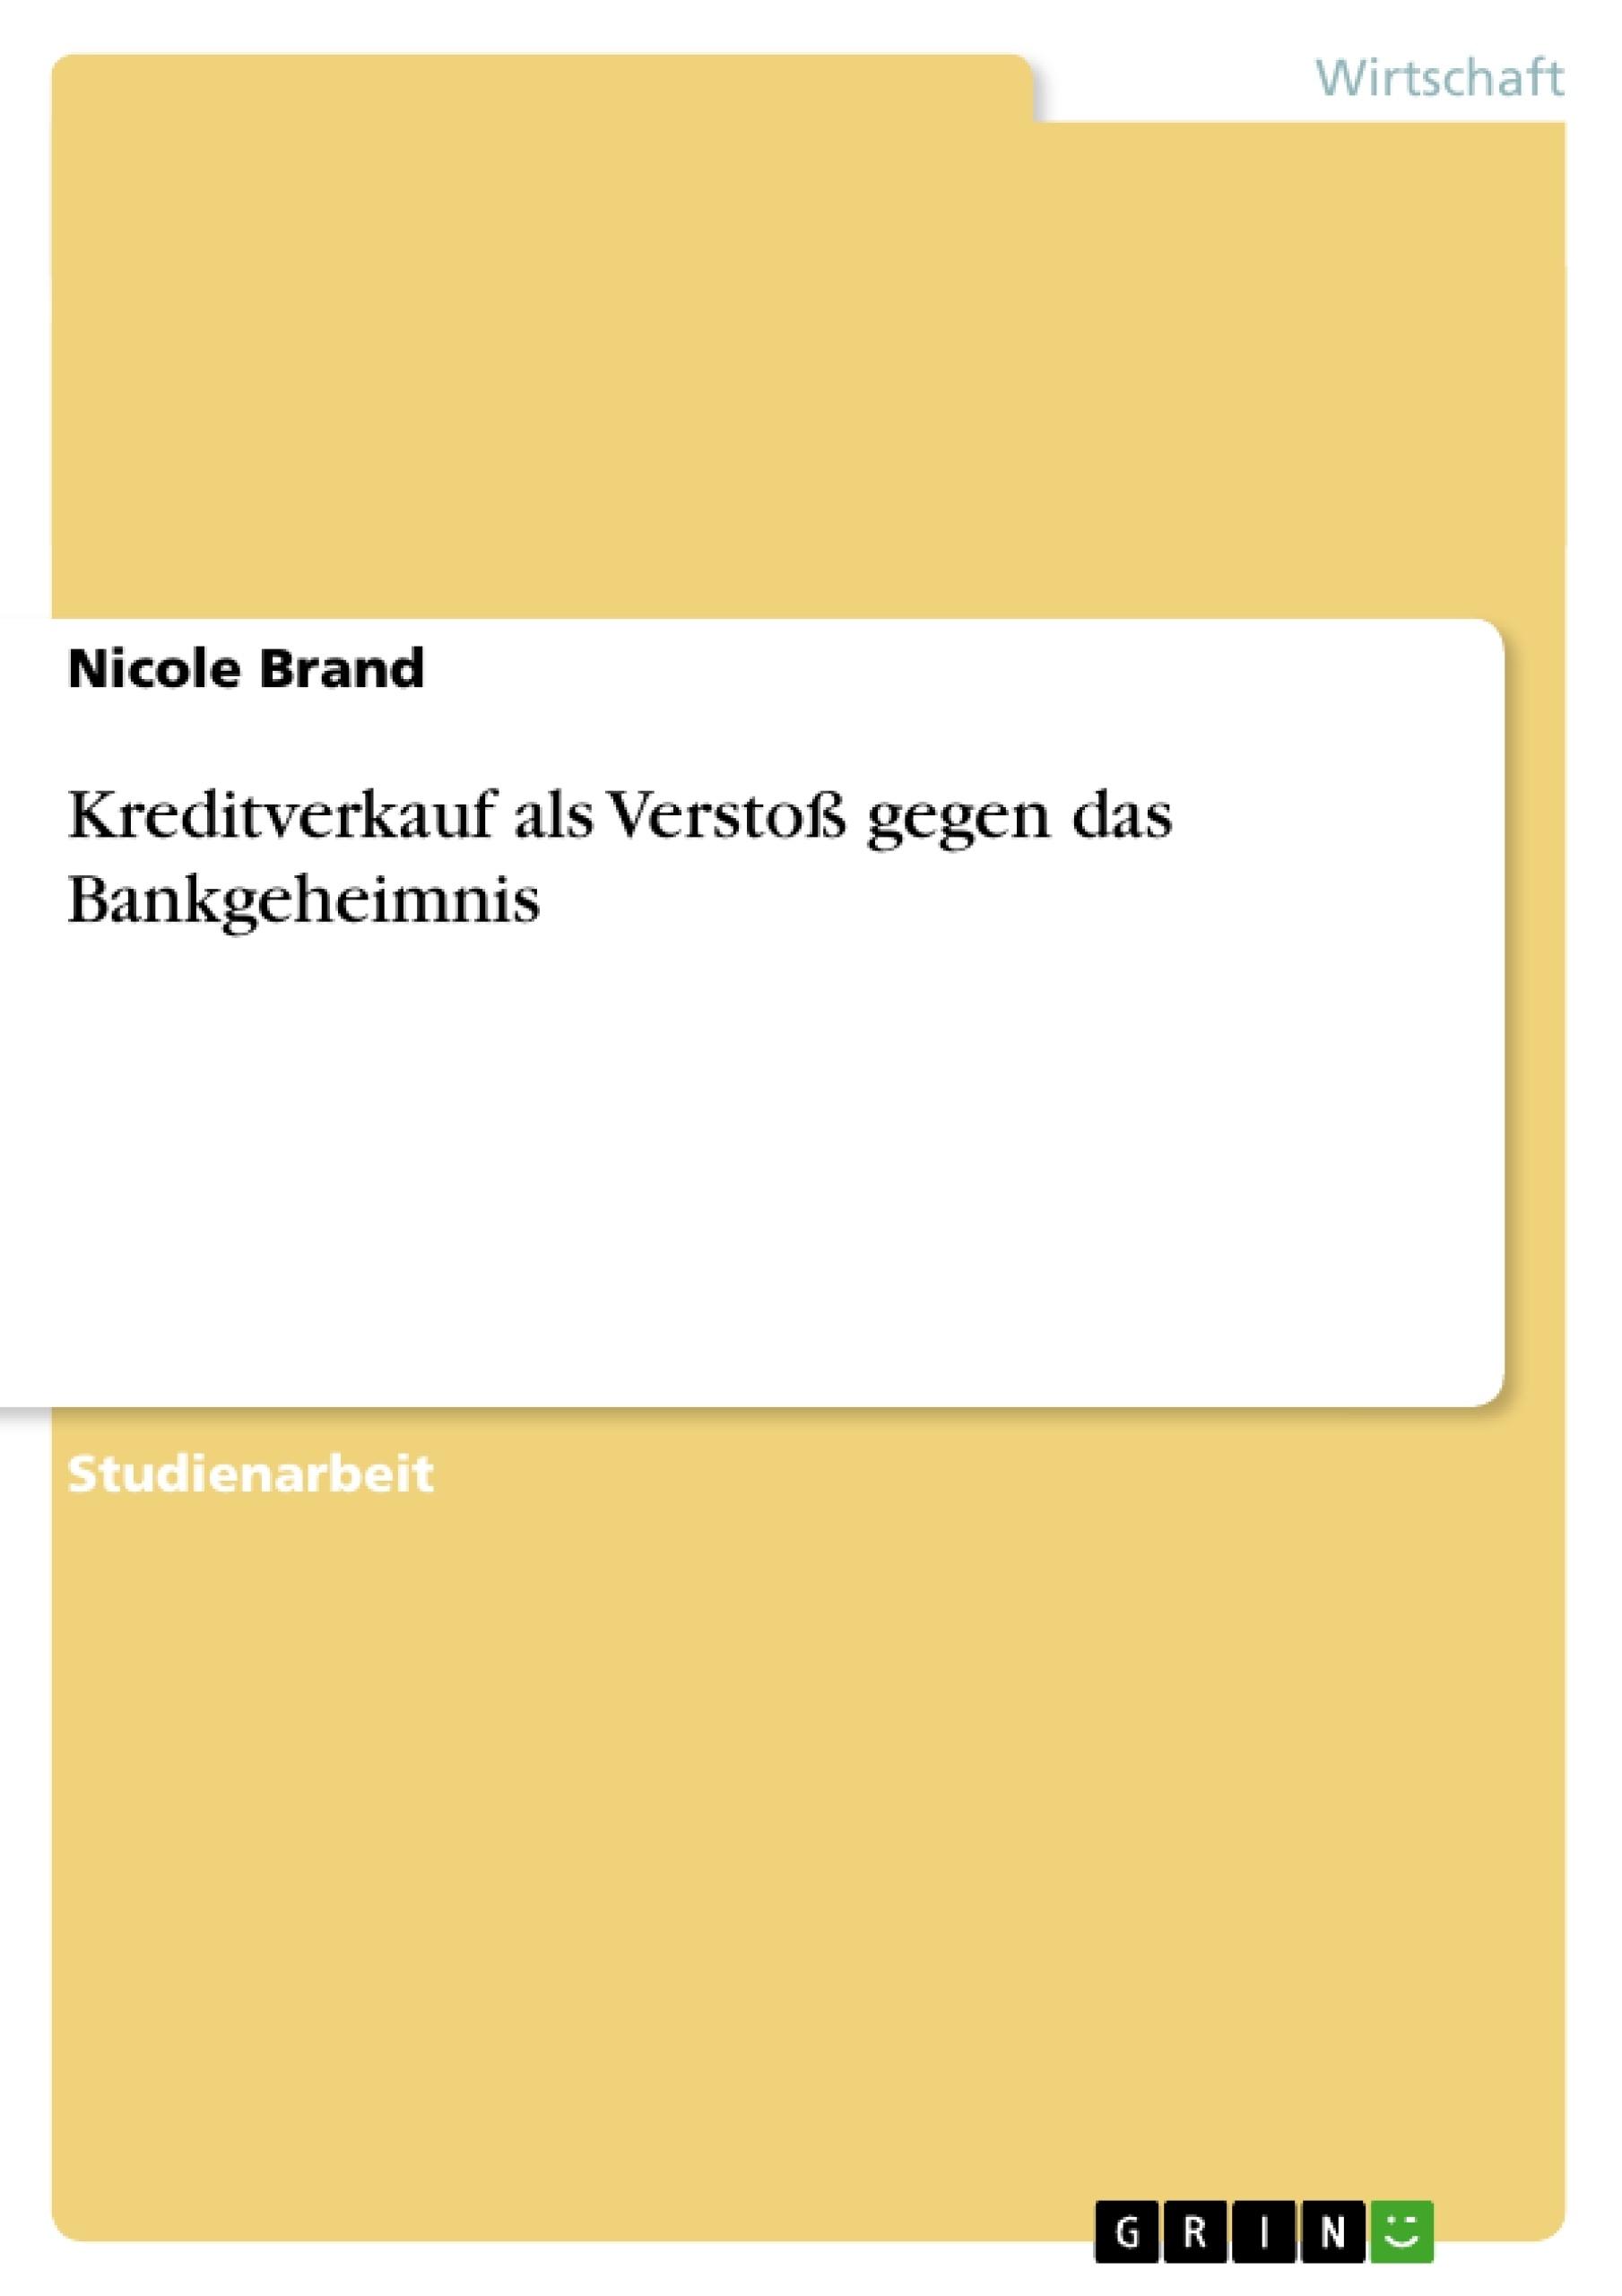 Titel: Kreditverkauf als Verstoß gegen das Bankgeheimnis